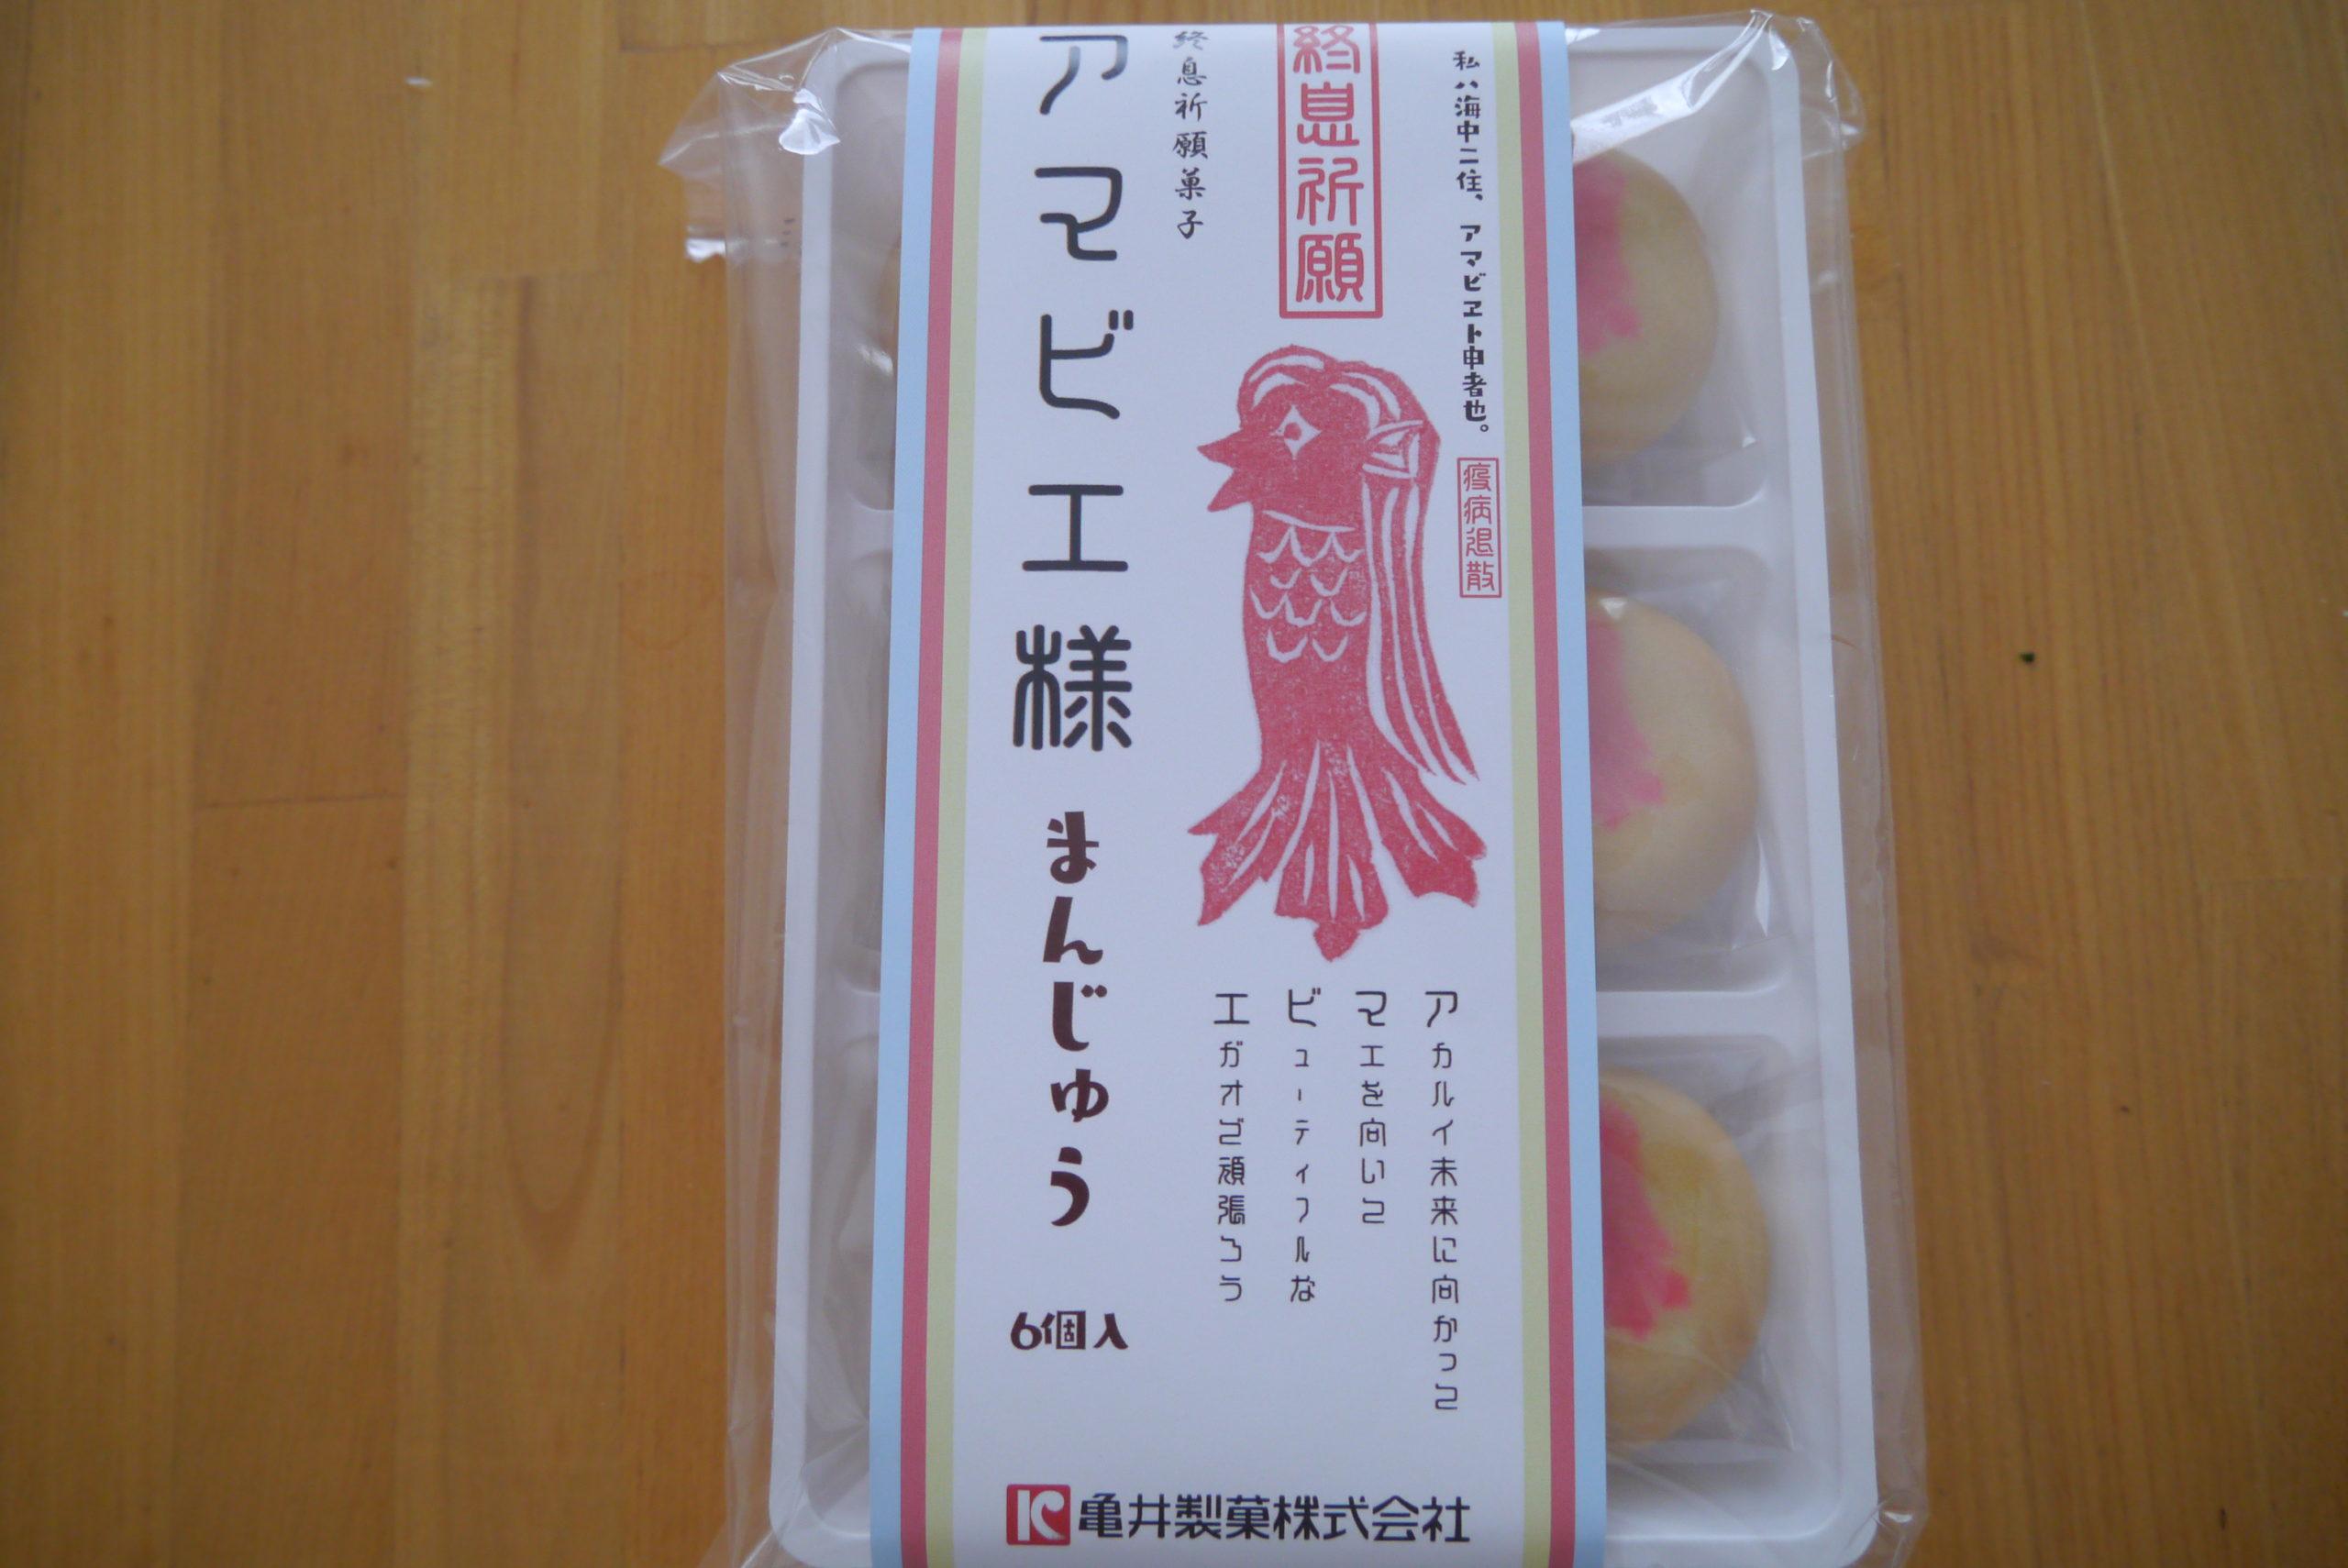 コロナの収束を願う!?亀井製菓から発売された「アマビエ様まんじゅう」を食べてみたよ!